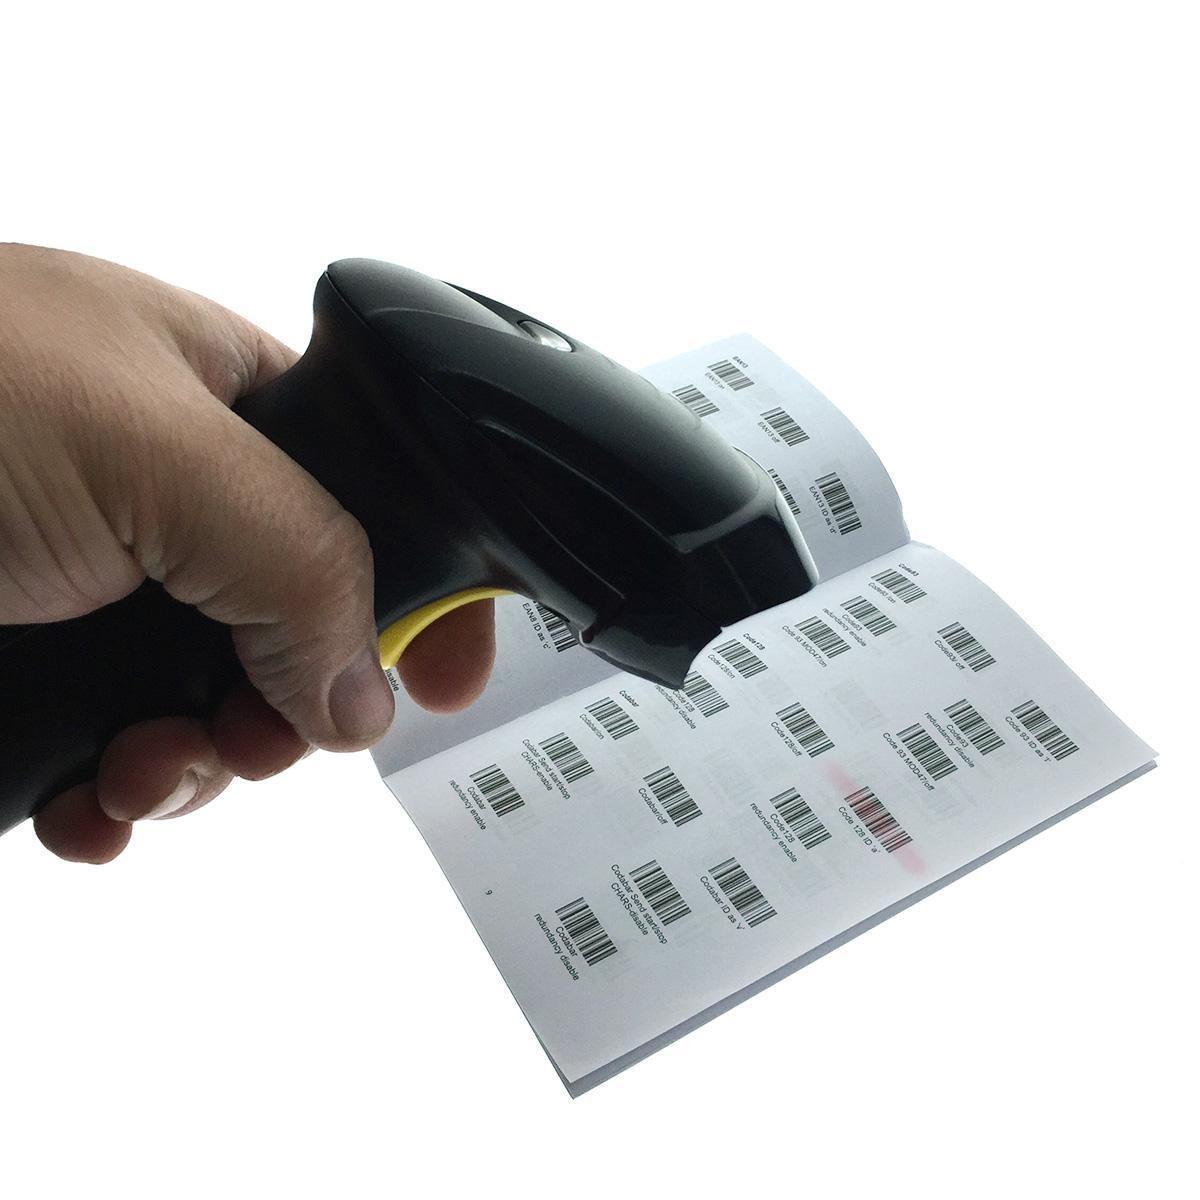 Сканер считывания штрих-кодов Espada X-9100 1D, проводной, USB